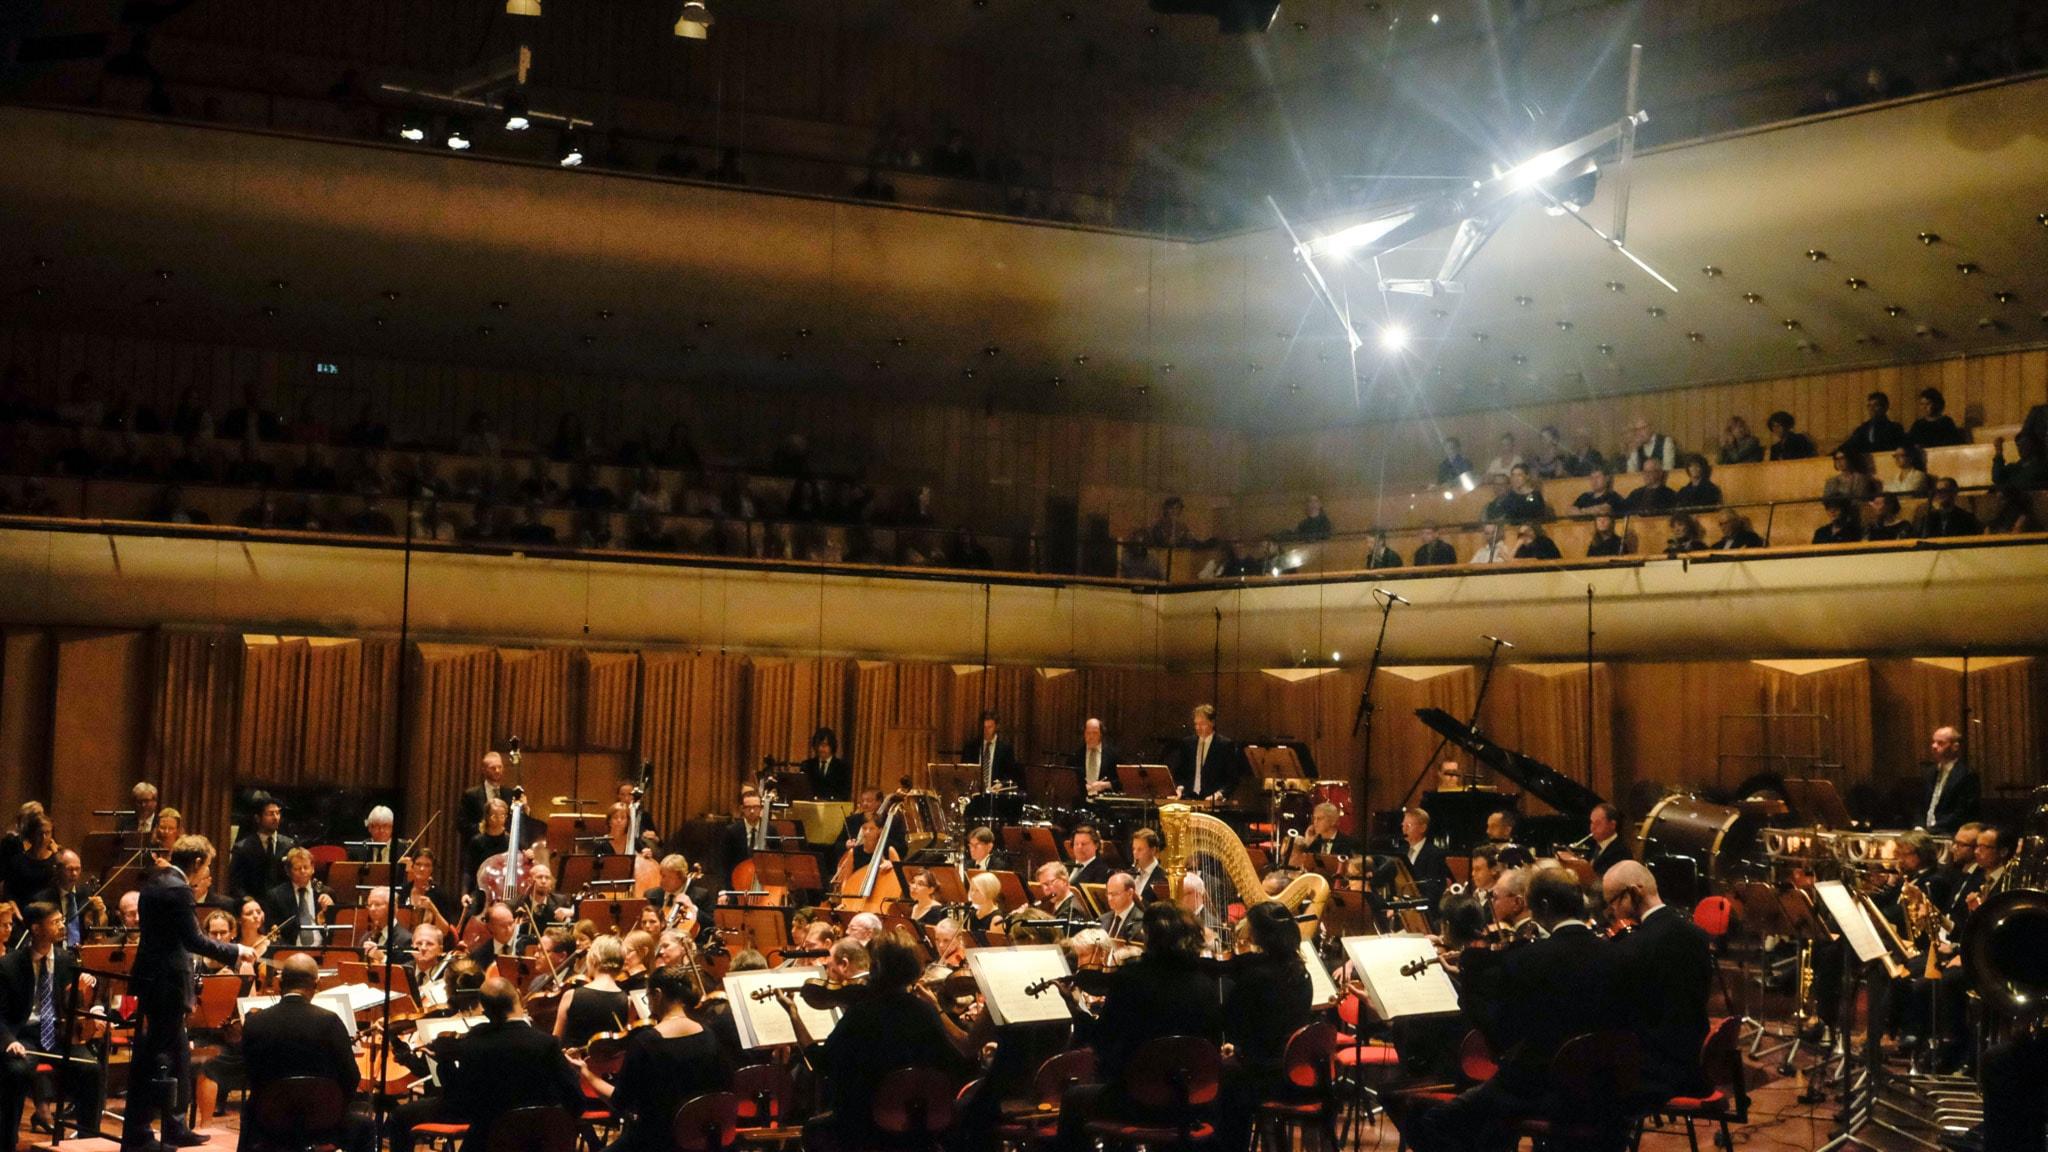 Sveriges Radios Symfoniorkester och skulpturen Time Piece. Foto: Arne Hyckenberg / Sveriges Radio